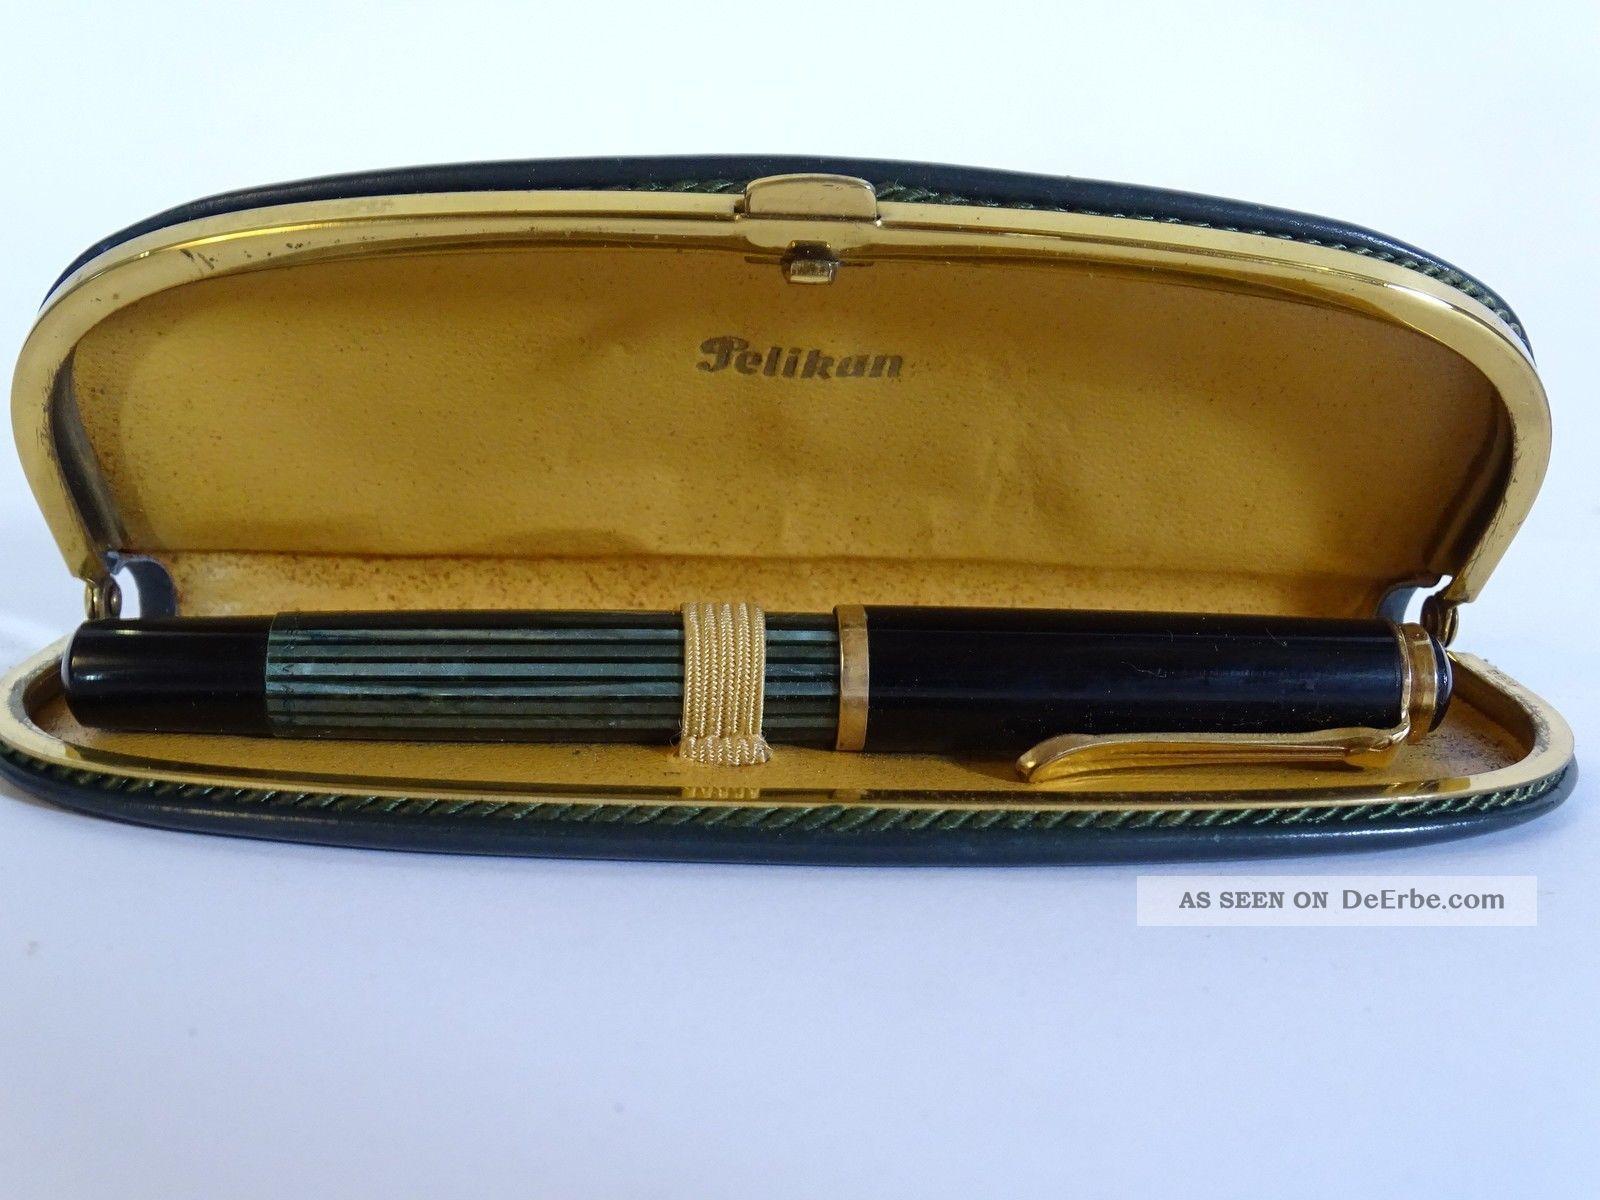 Antiker Pelikan Füller Füllfederhalter 585 Gold Feder Im Etui Antike Bürotechnik Bild